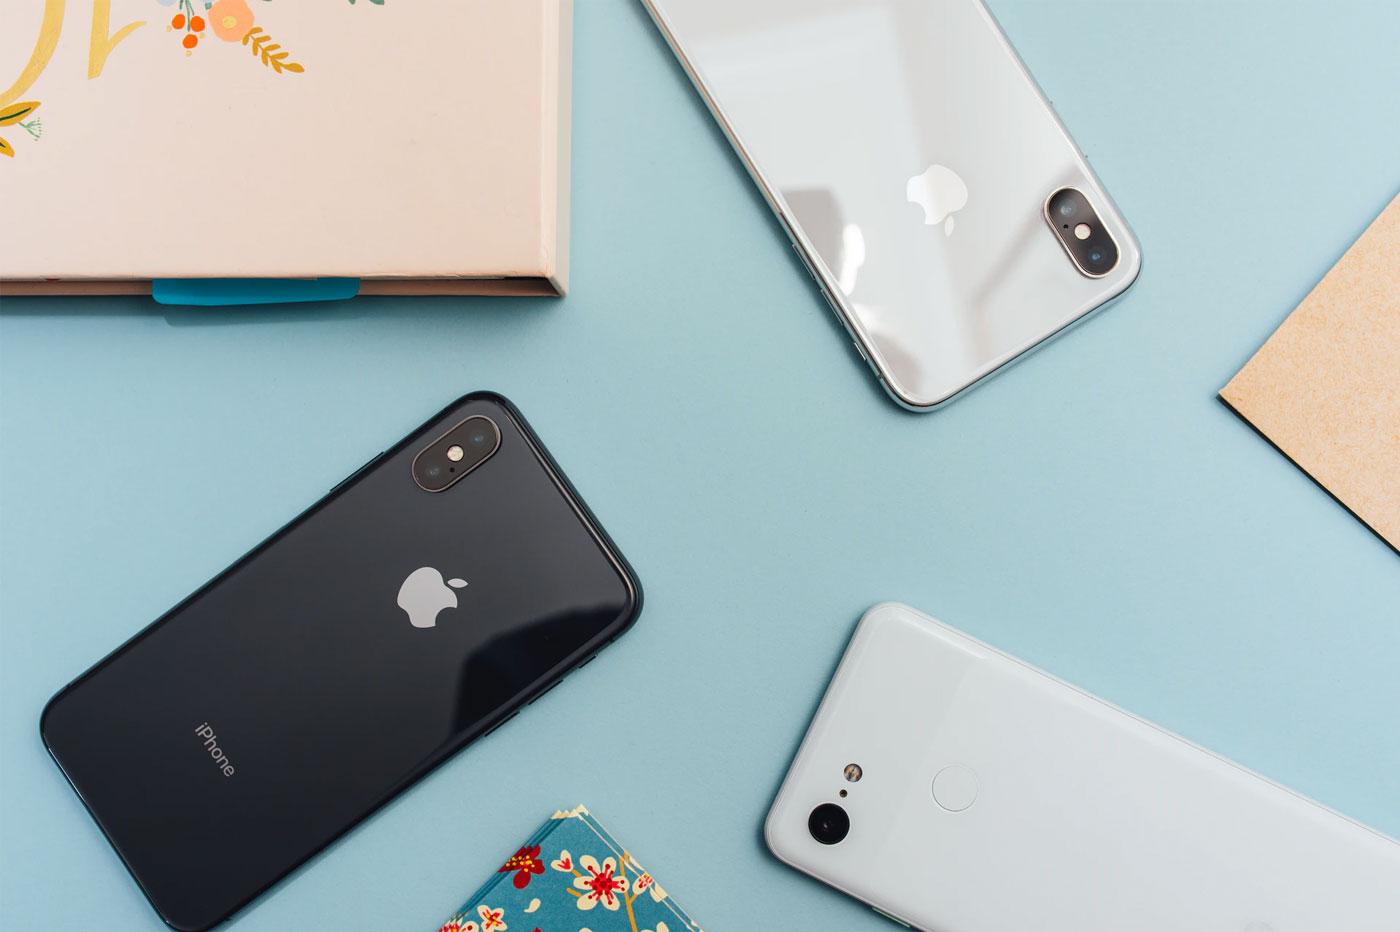 Toute la gamme iPhone en promo chez SFR